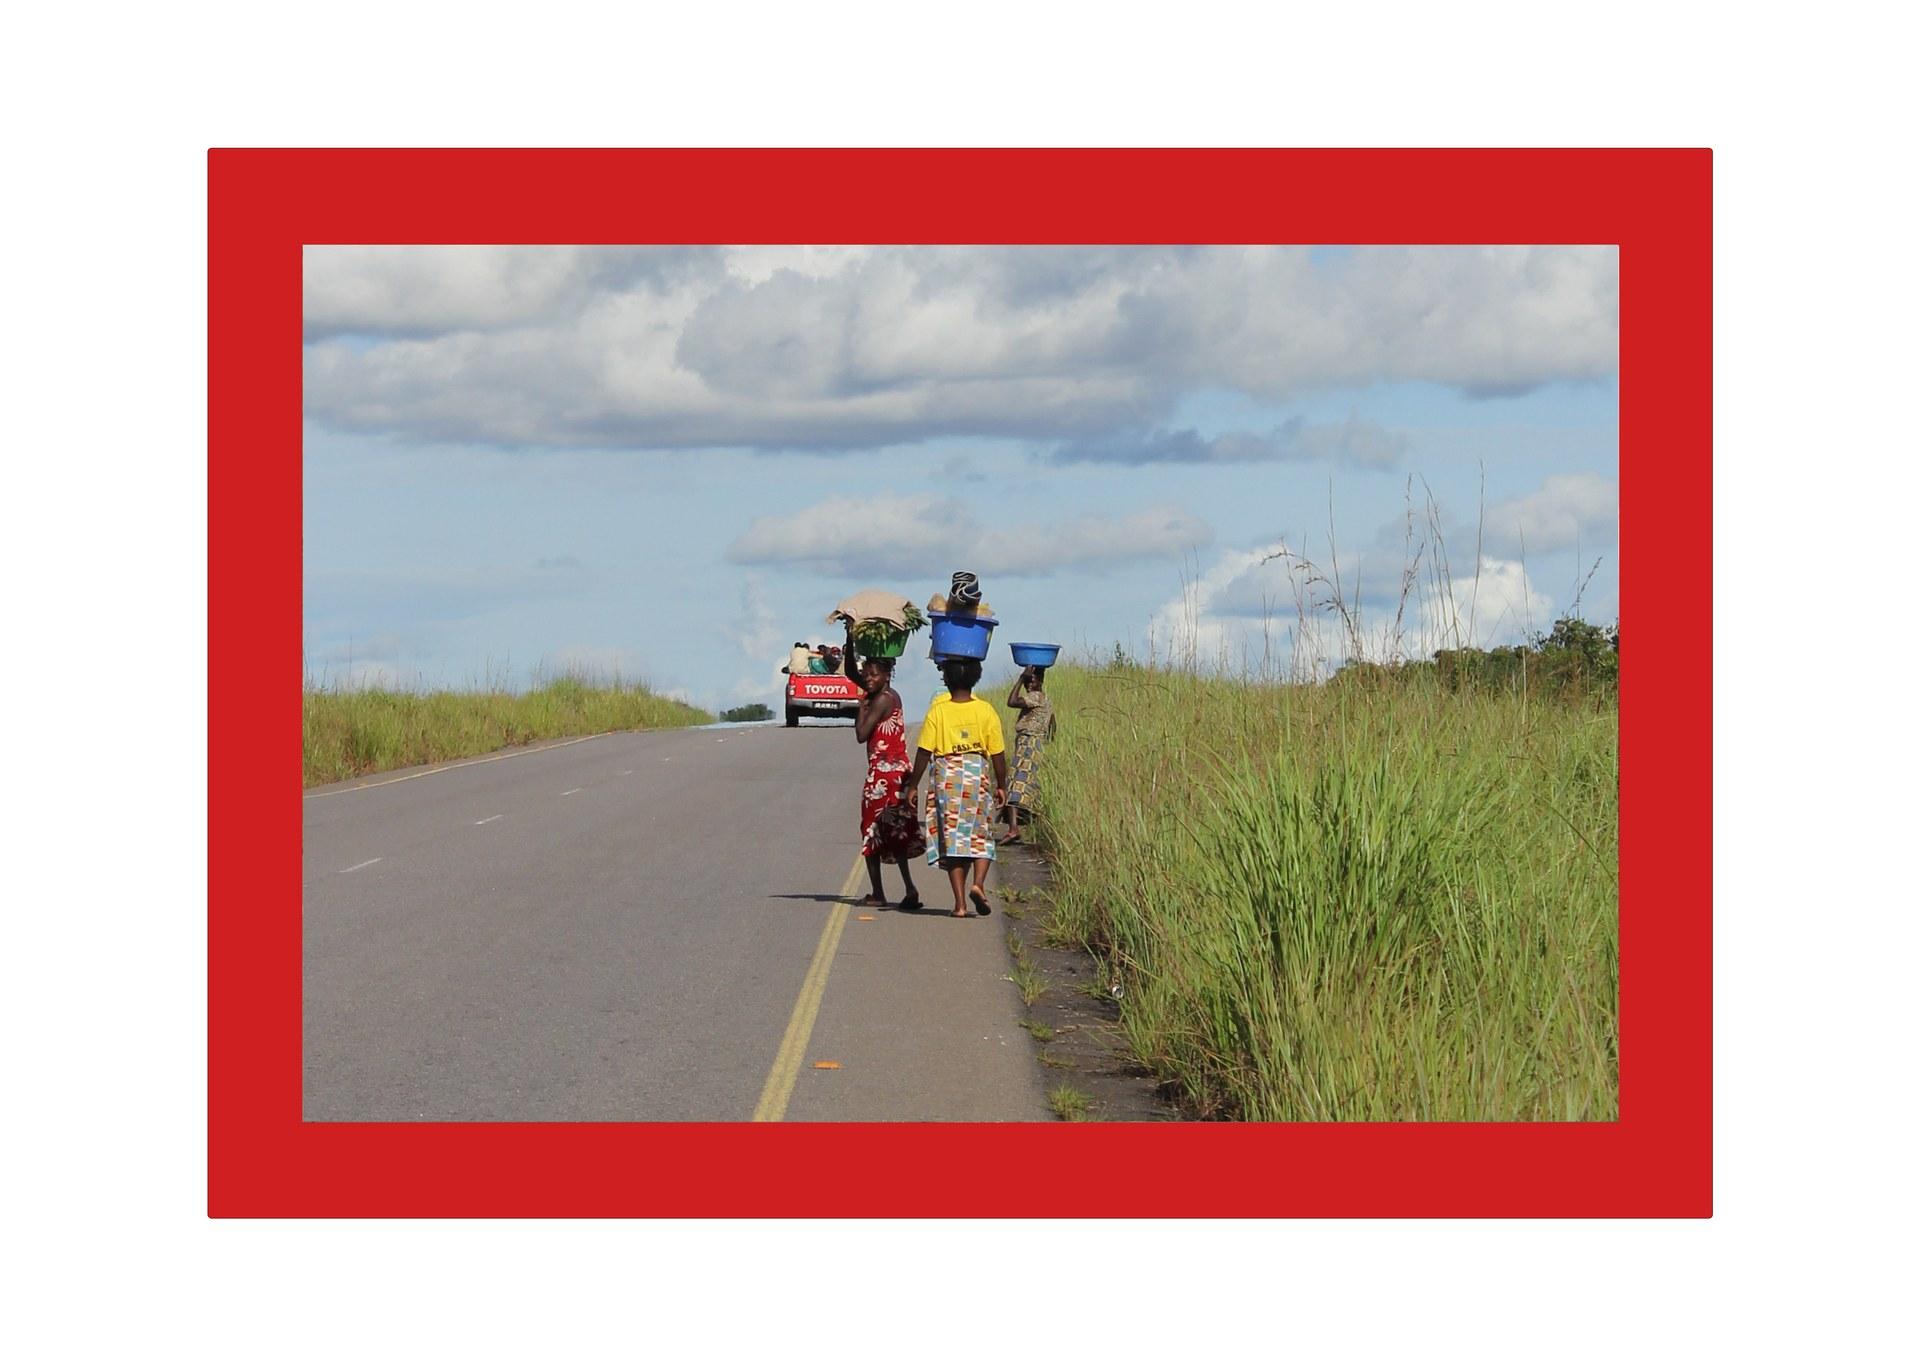 Road in Chitato, Lunda Norte, Angola (plastic basin 1)